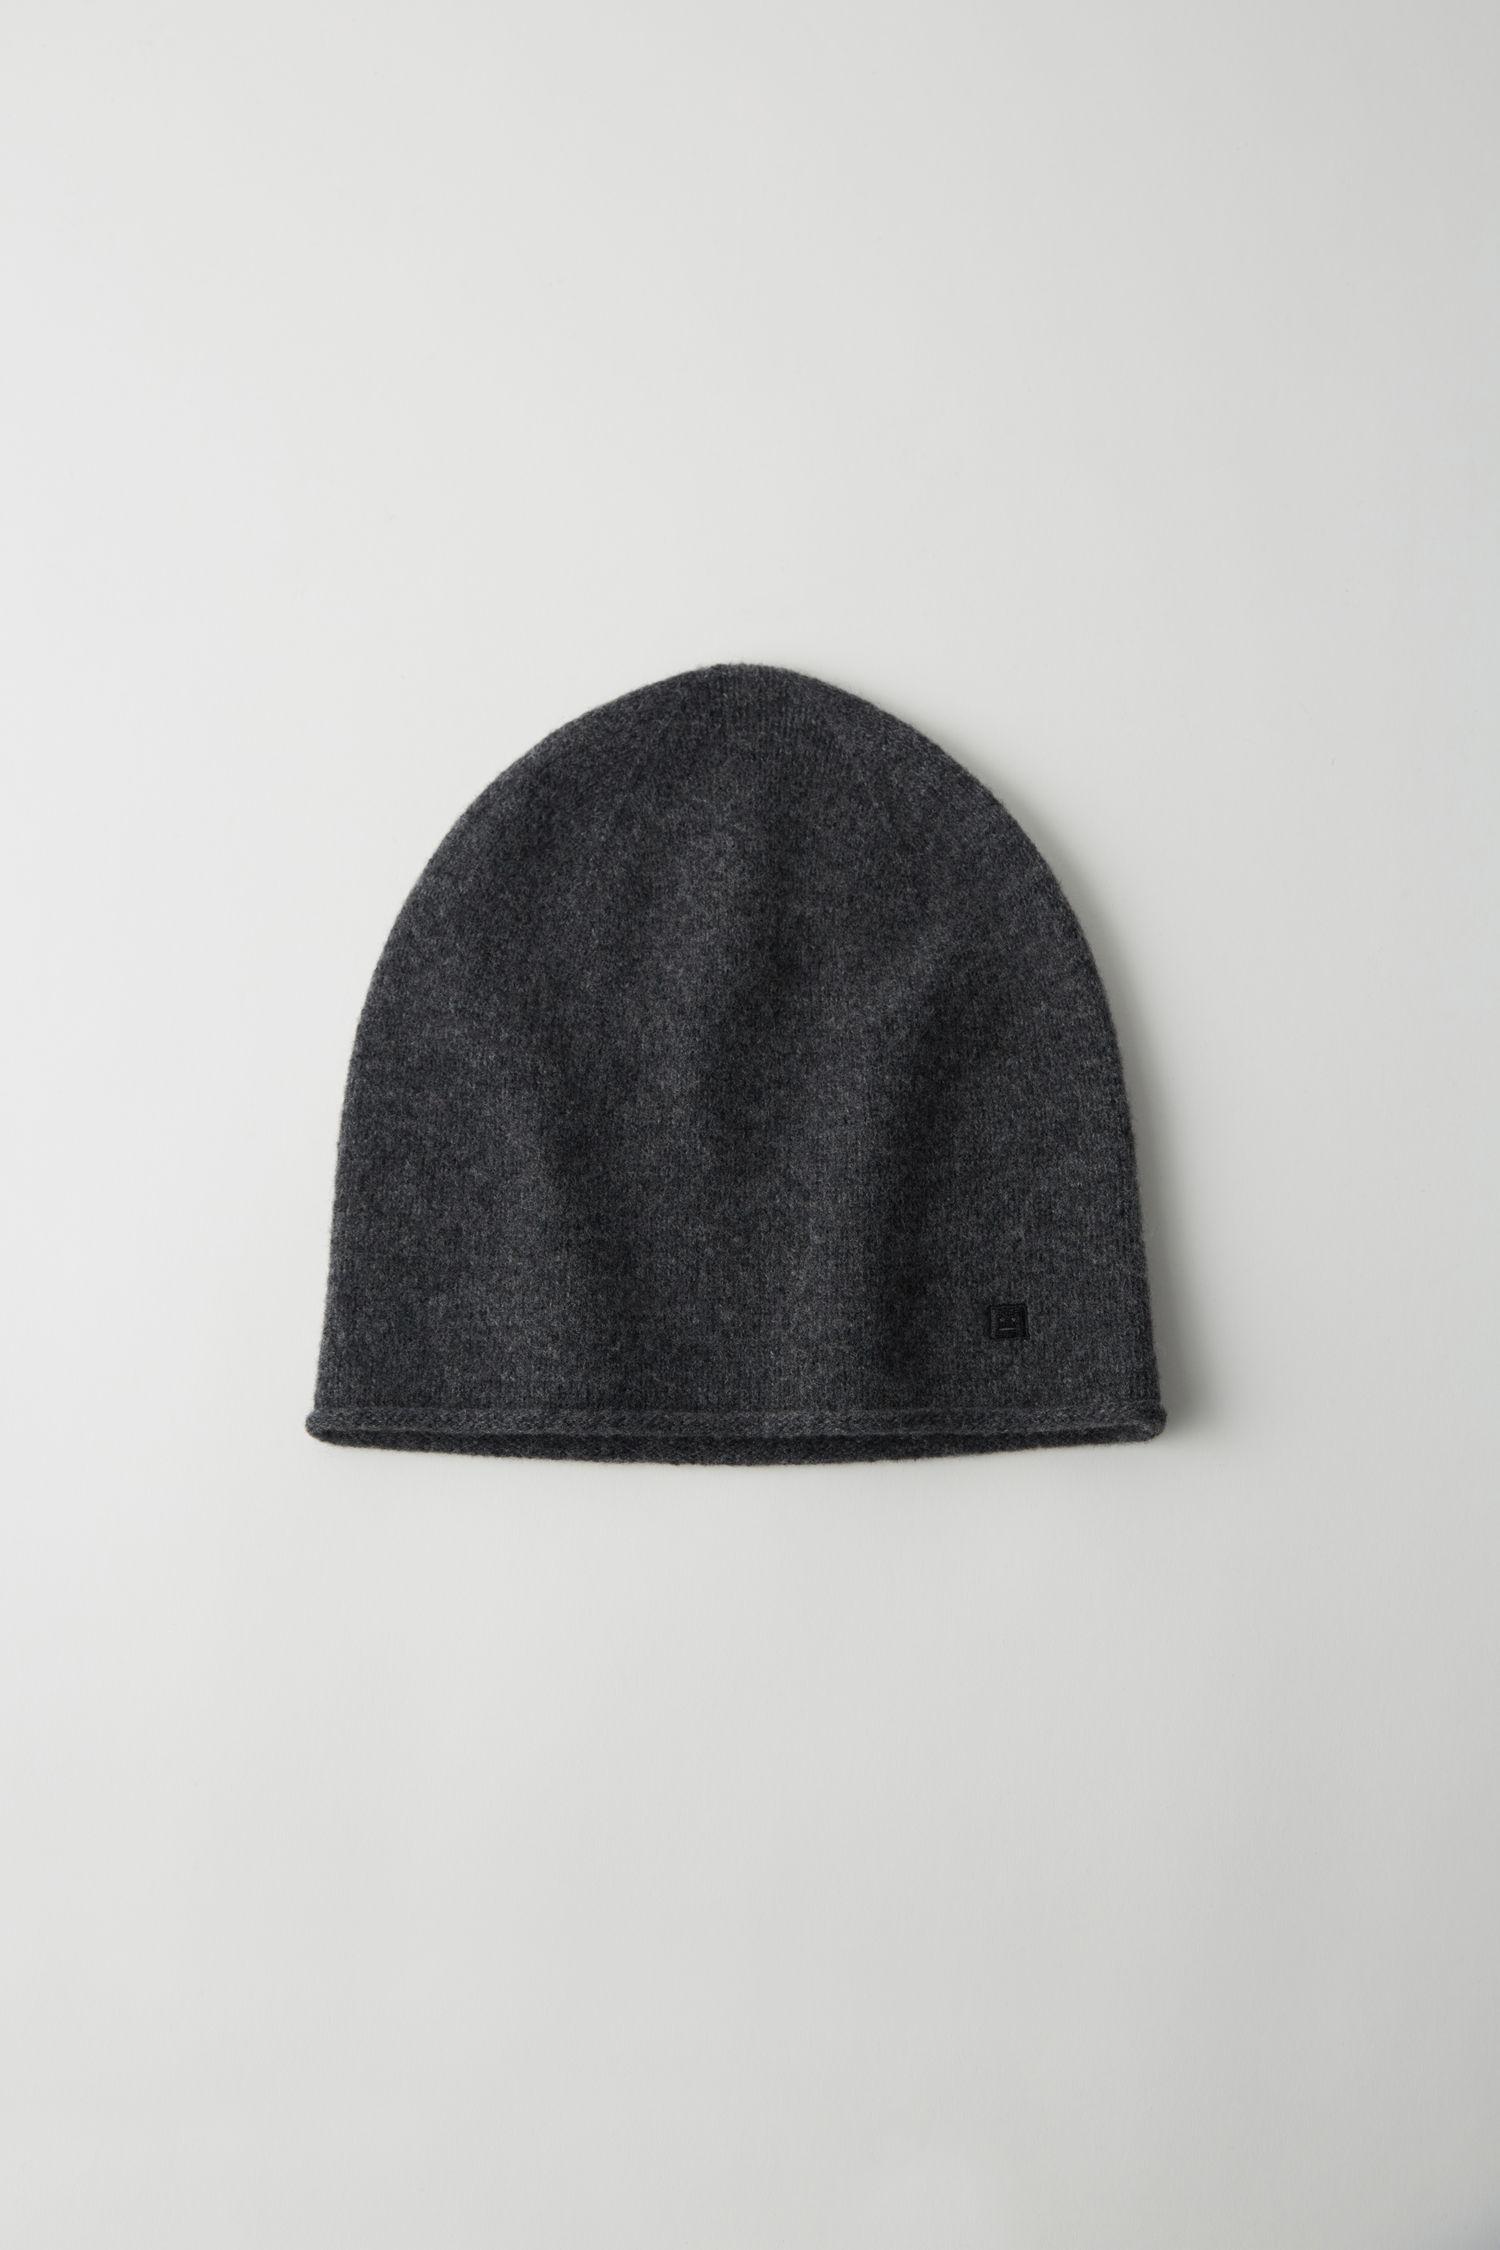 轻质无檐便帽 炭灰色混色